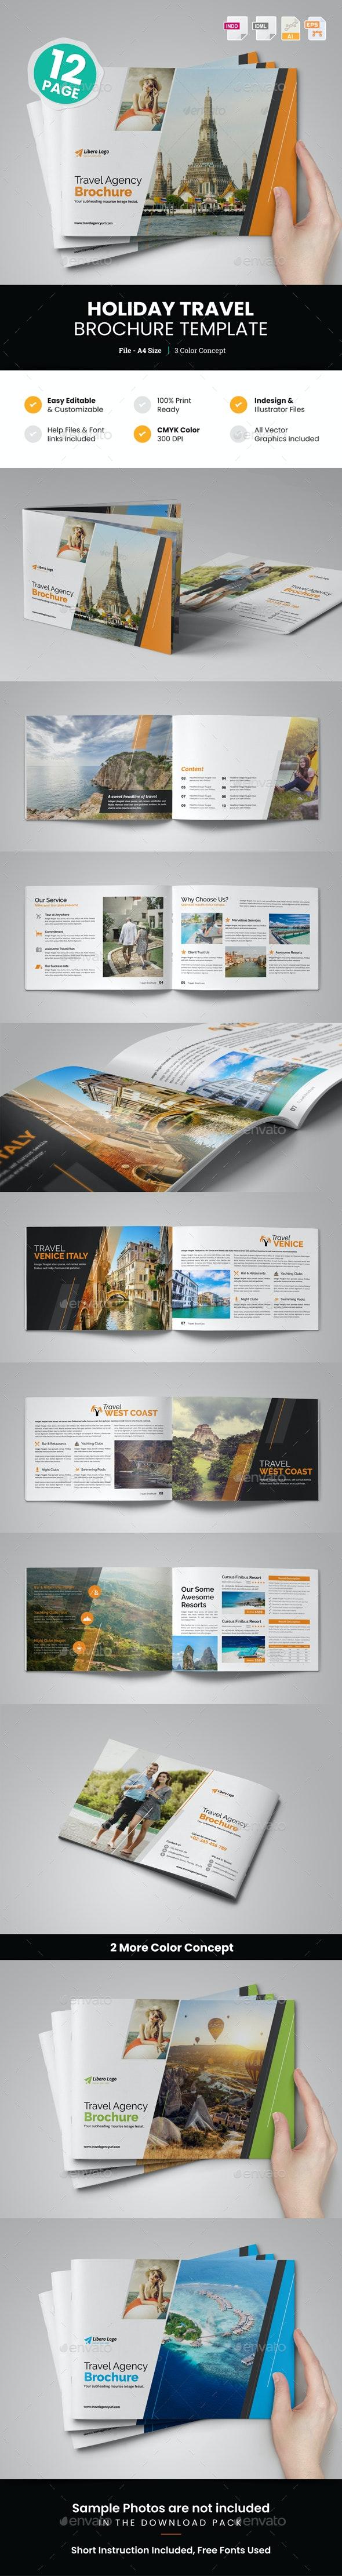 Holiday Travel Brochure Design v1 - Corporate Brochures